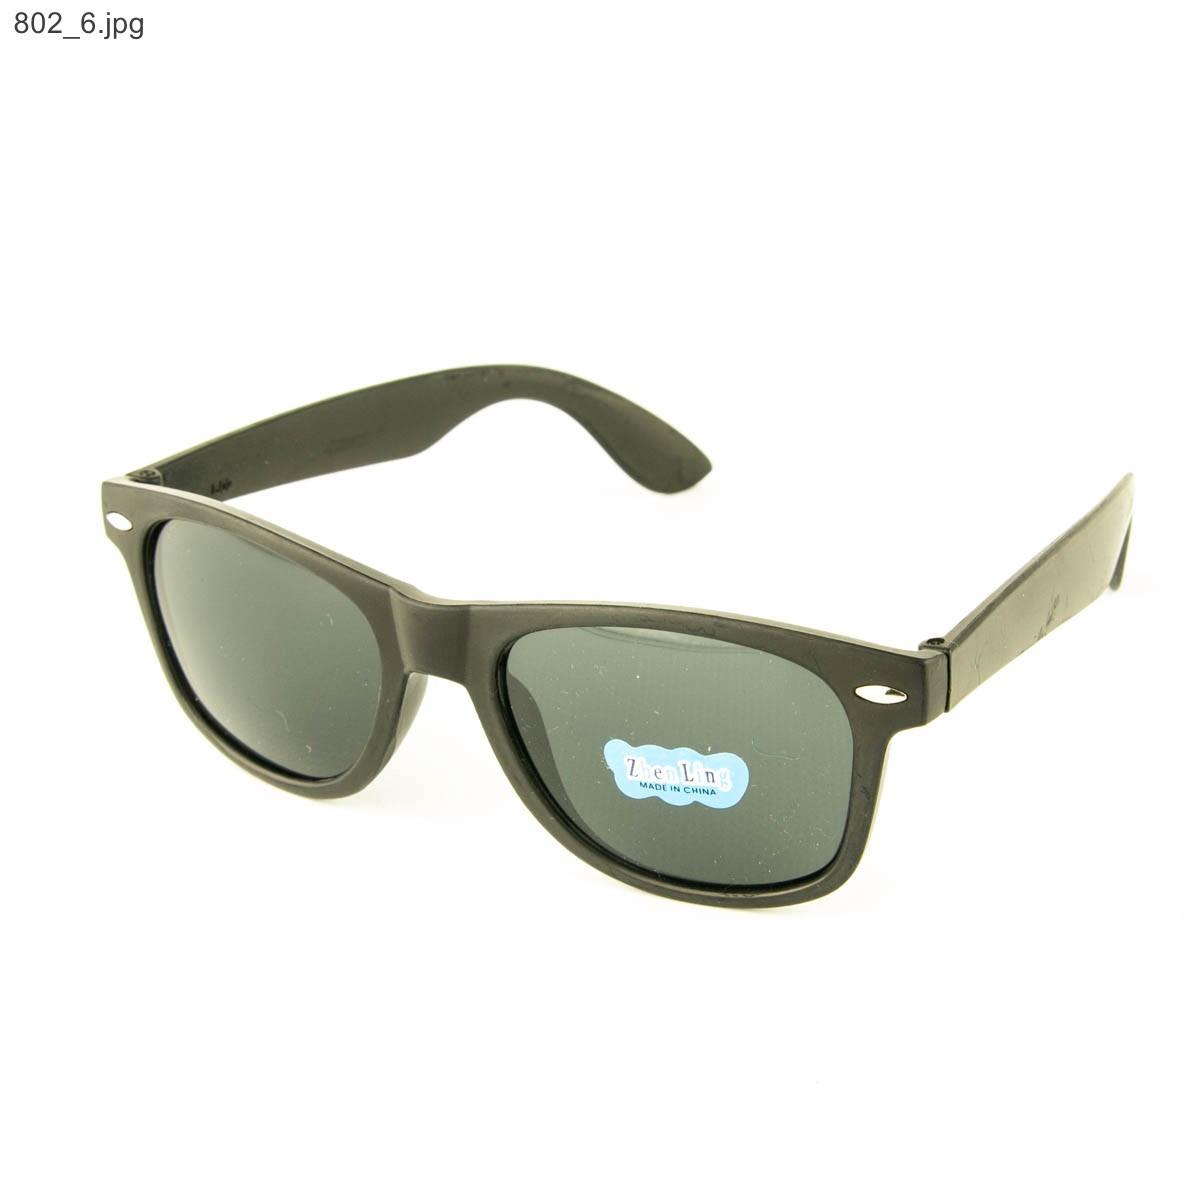 Оптом солнцезащитные очки Wayfarer - Черные - 802